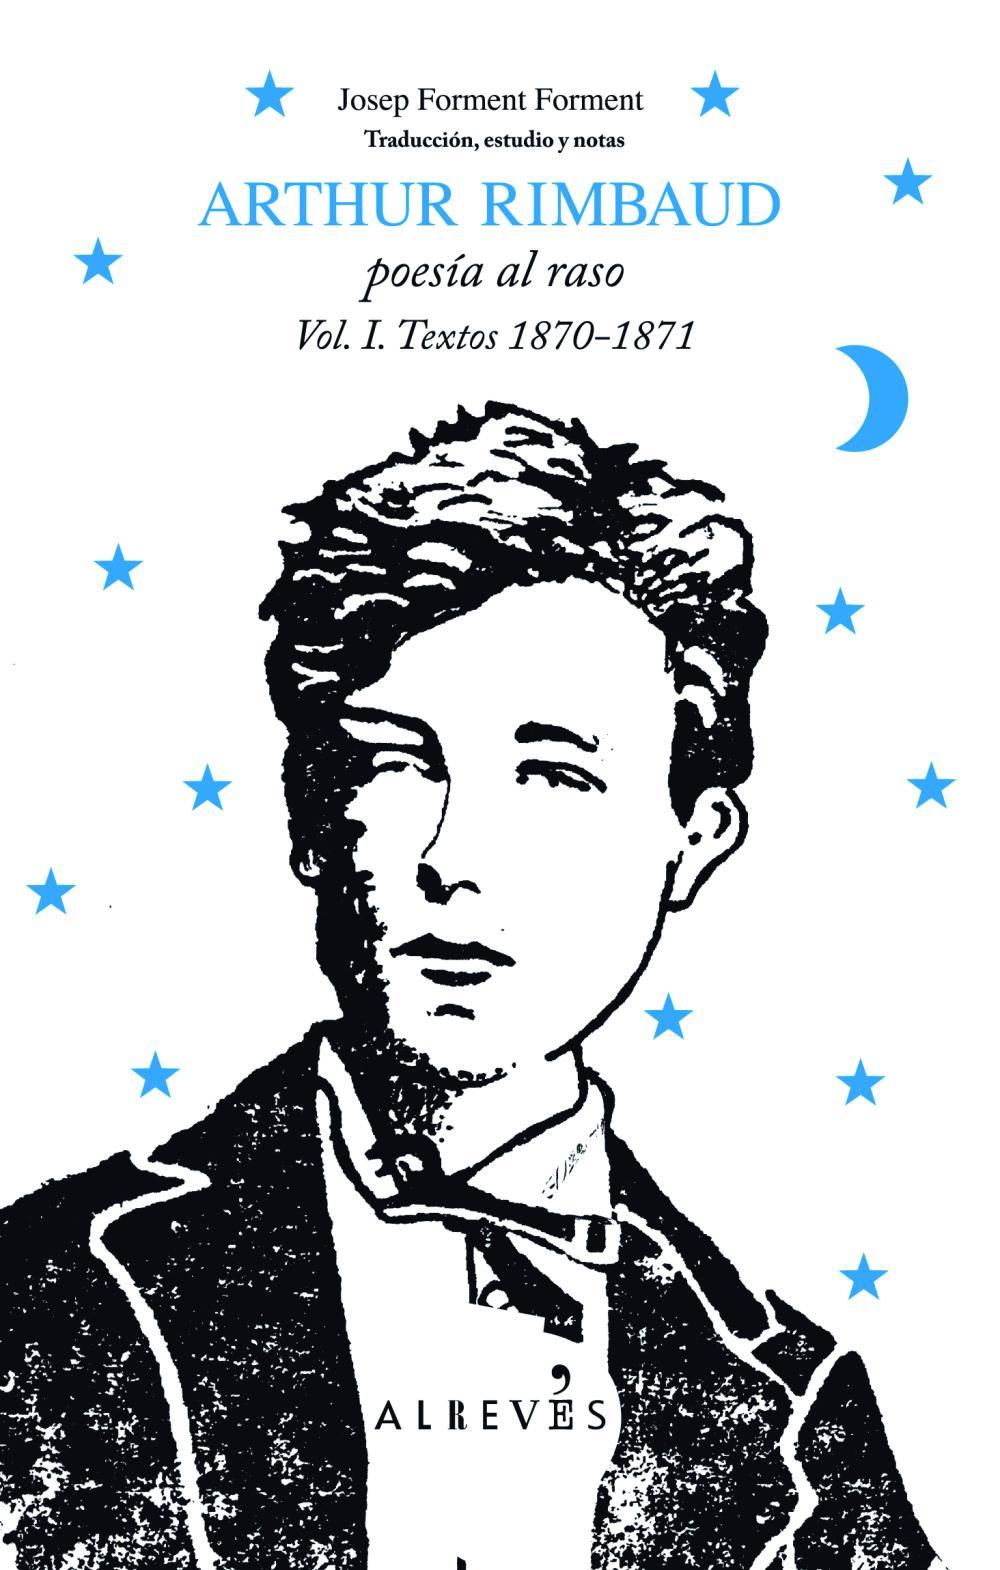 Arthur Rimbaud, poesía al raso. Textos 1870-1871